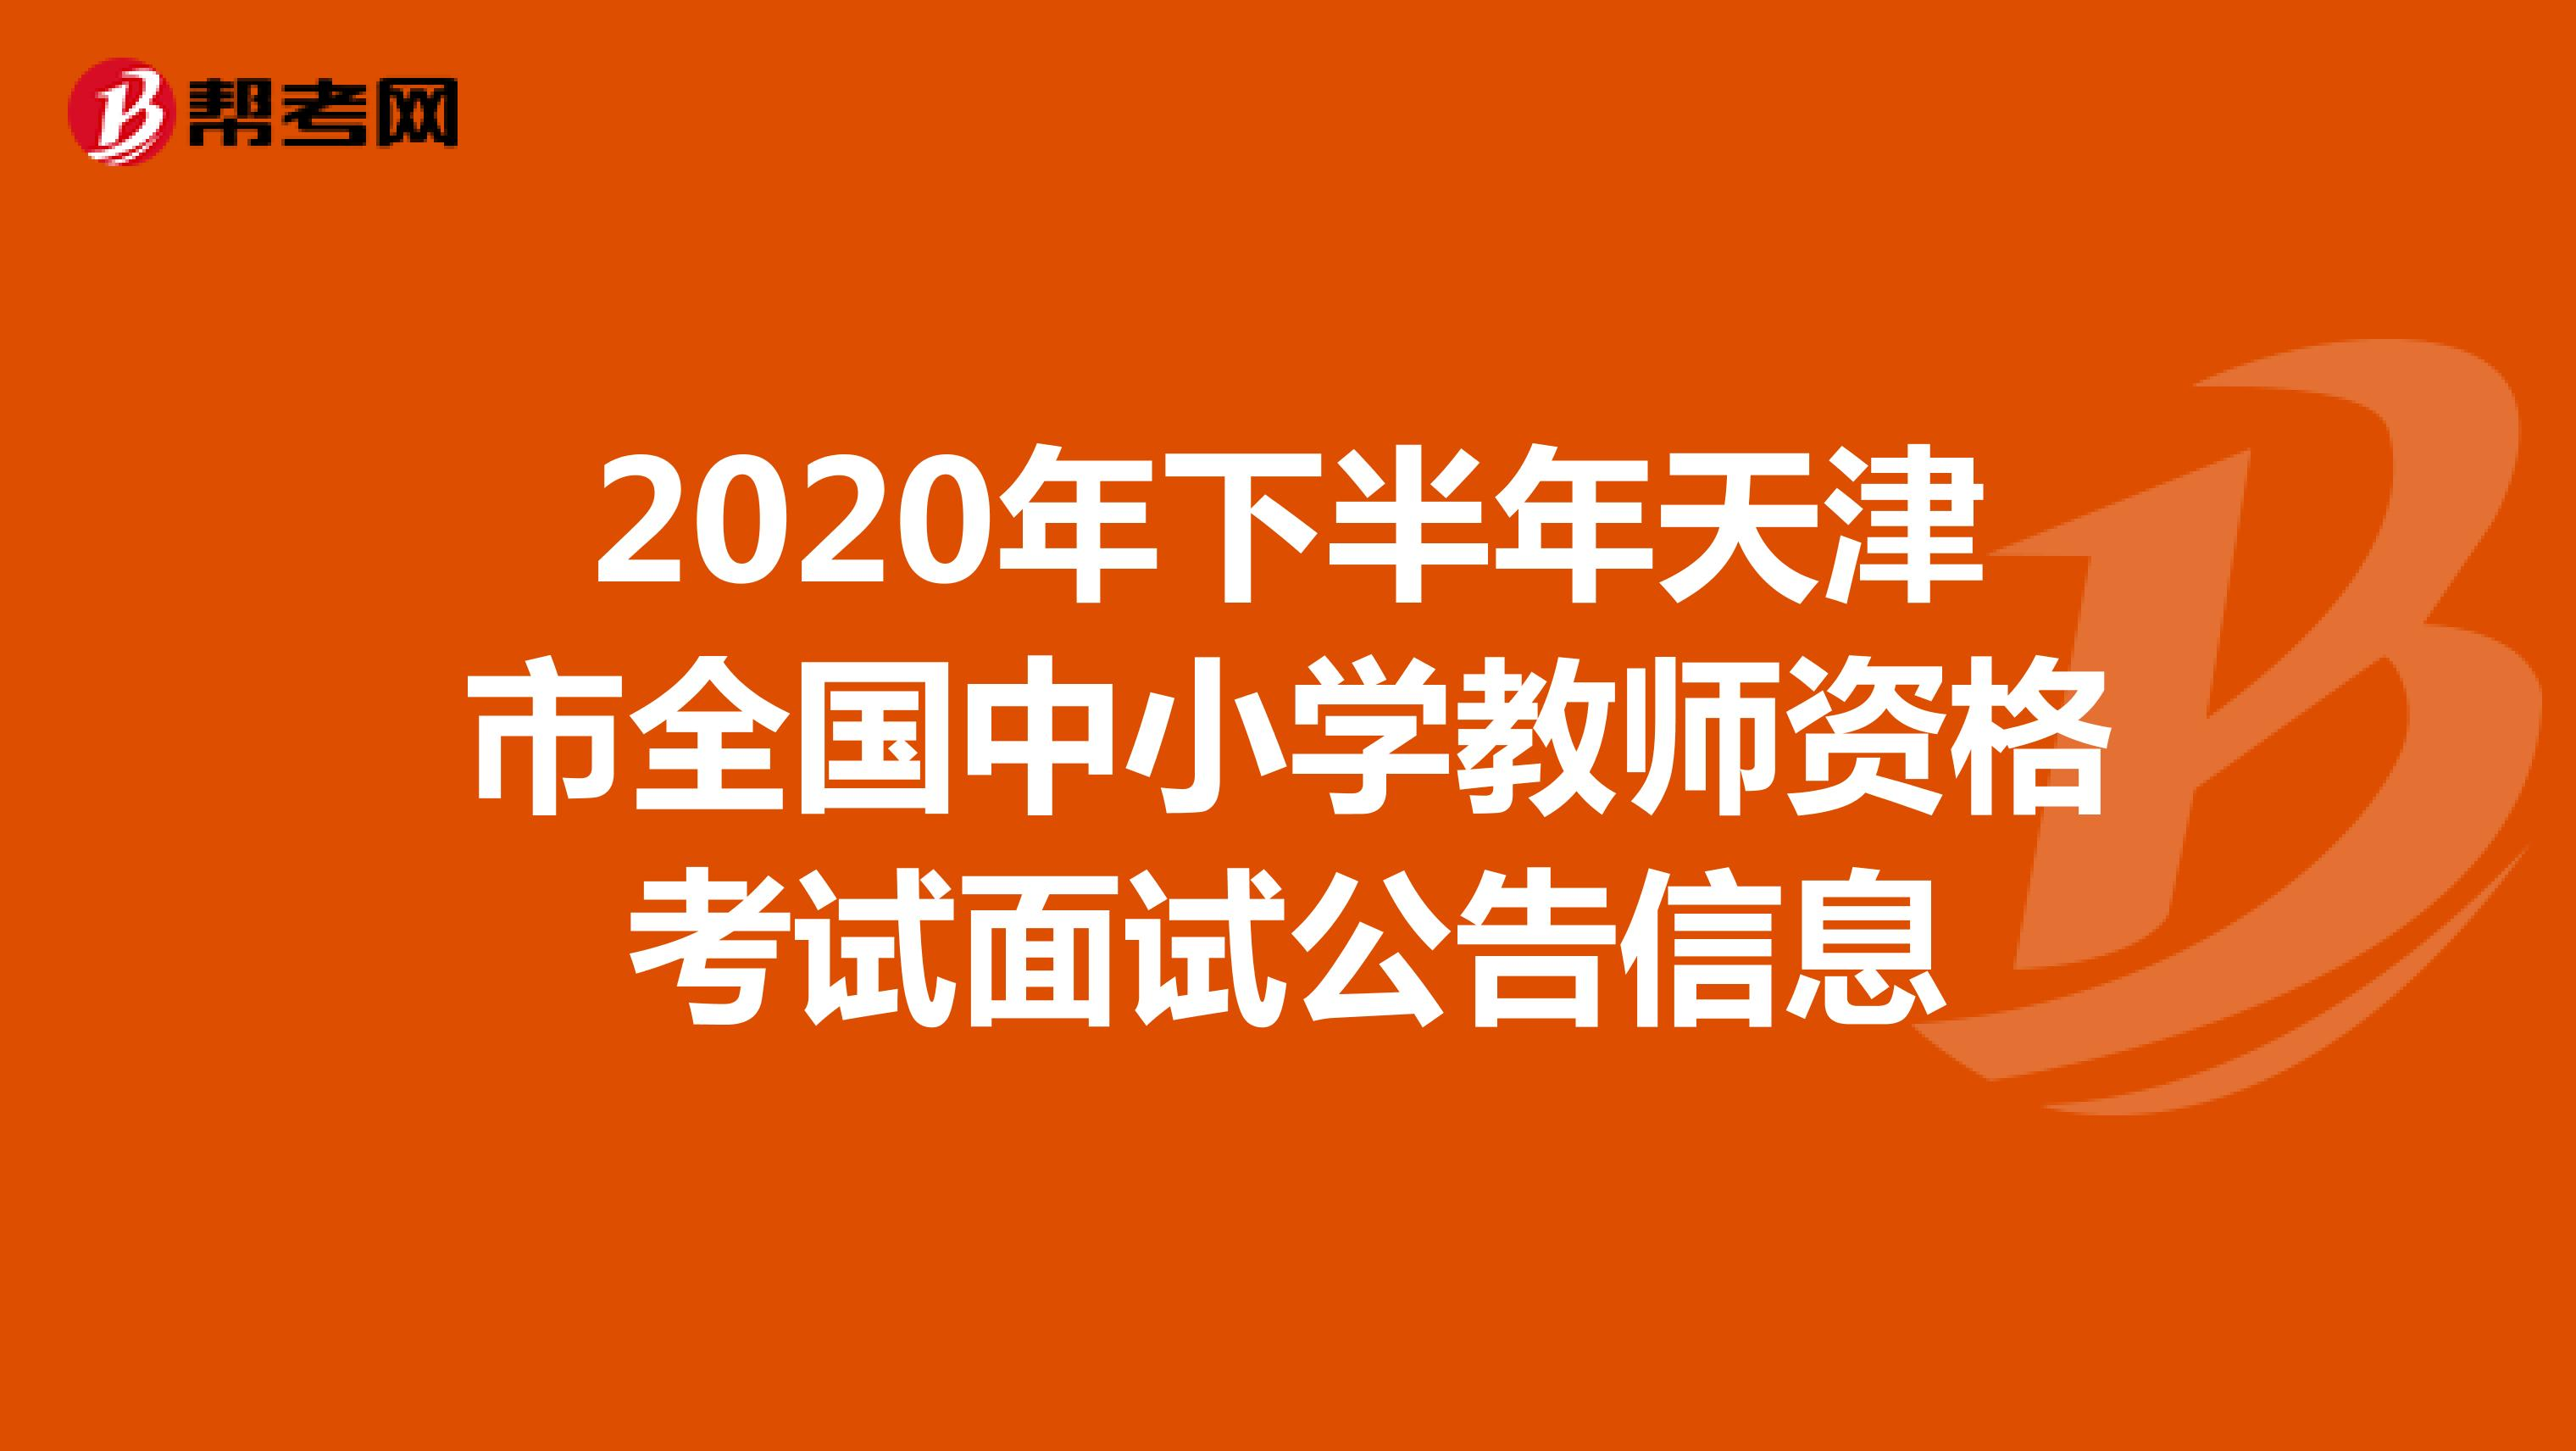 2020年下半年天津市全國中小學教師資格考試面試公告信息